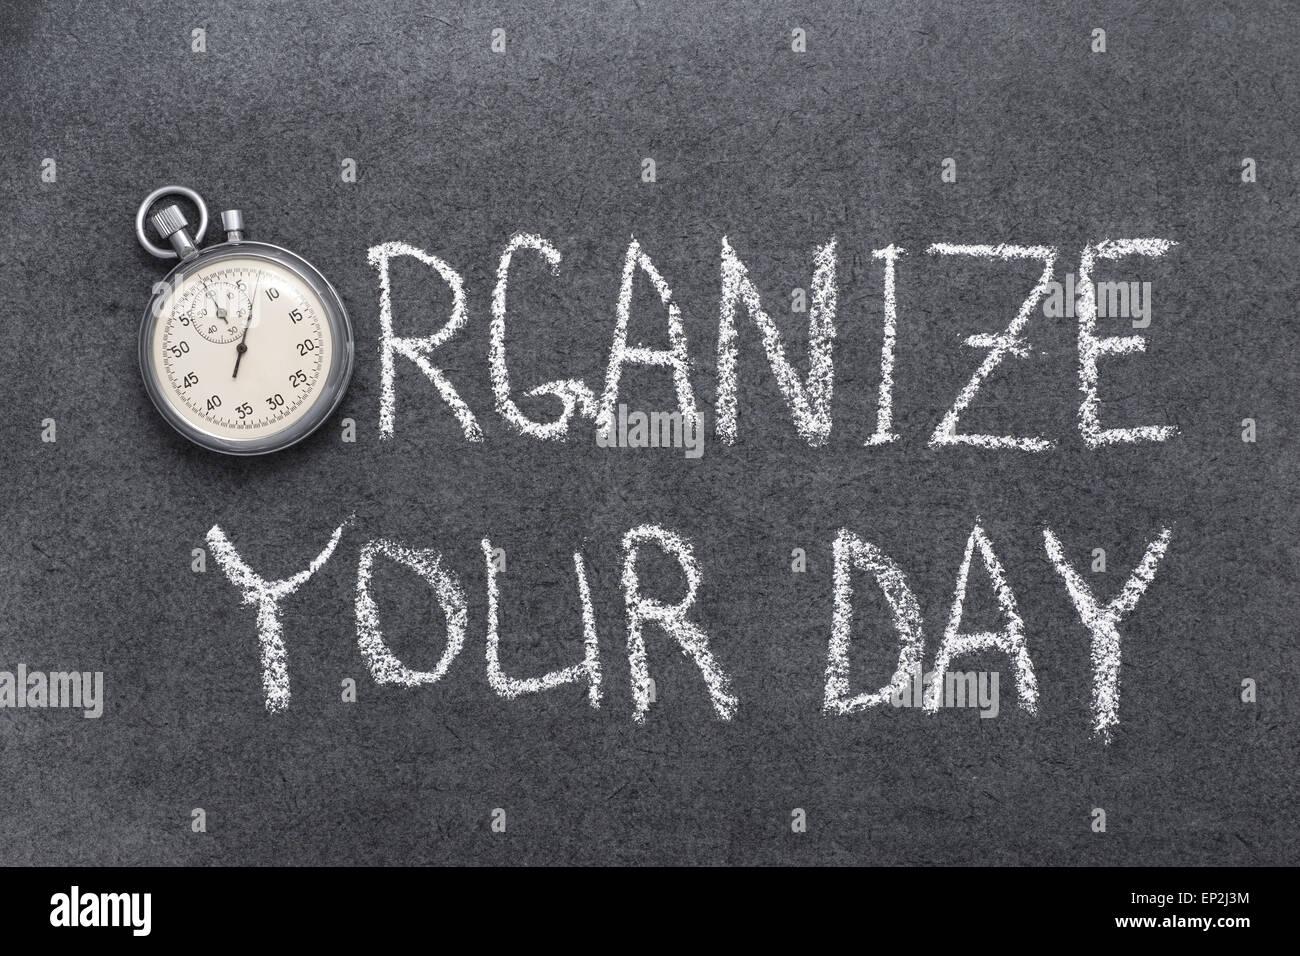 organisieren Sie Ihren Tag Ausdruck handschriftlich auf Tafel mit Vintage präzise Stoppuhr verwendet anstelle Stockbild